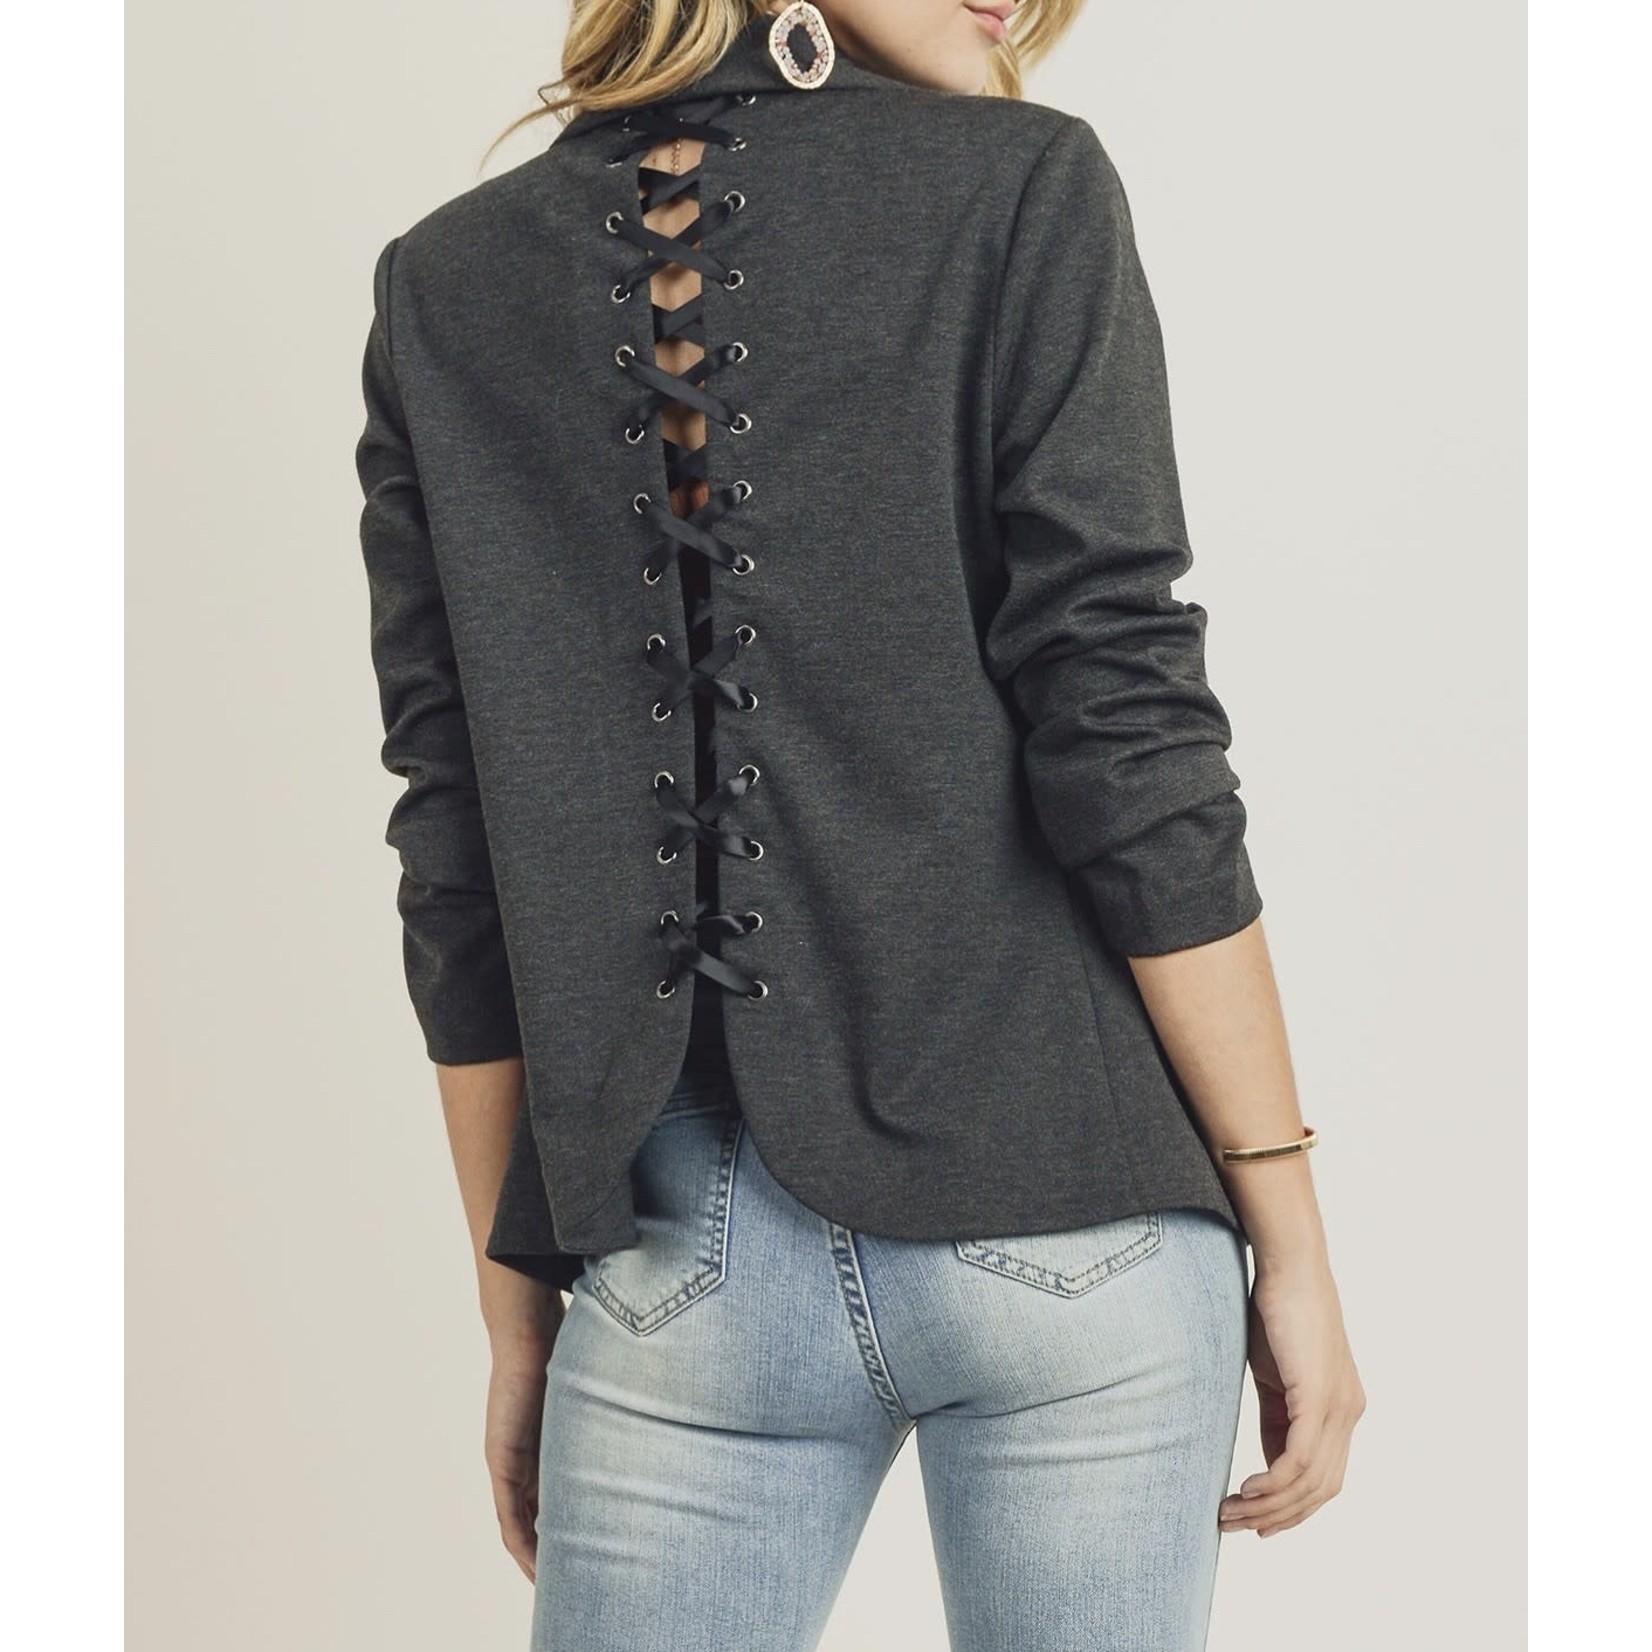 Doe & Rae Charcoal Lace Up Back Jacket